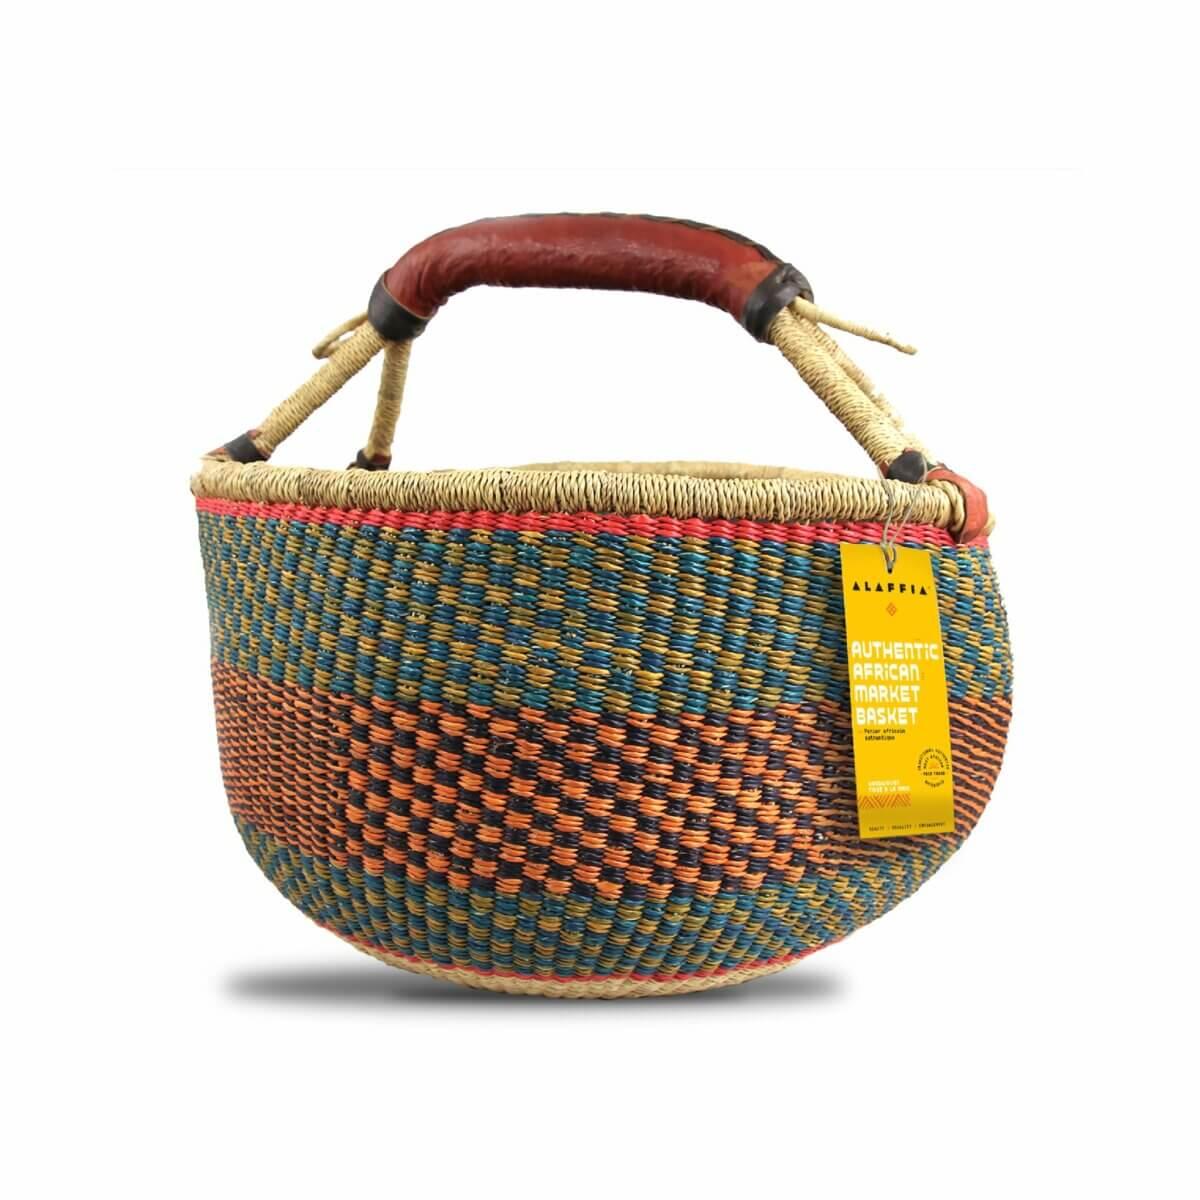 alaffia market basket